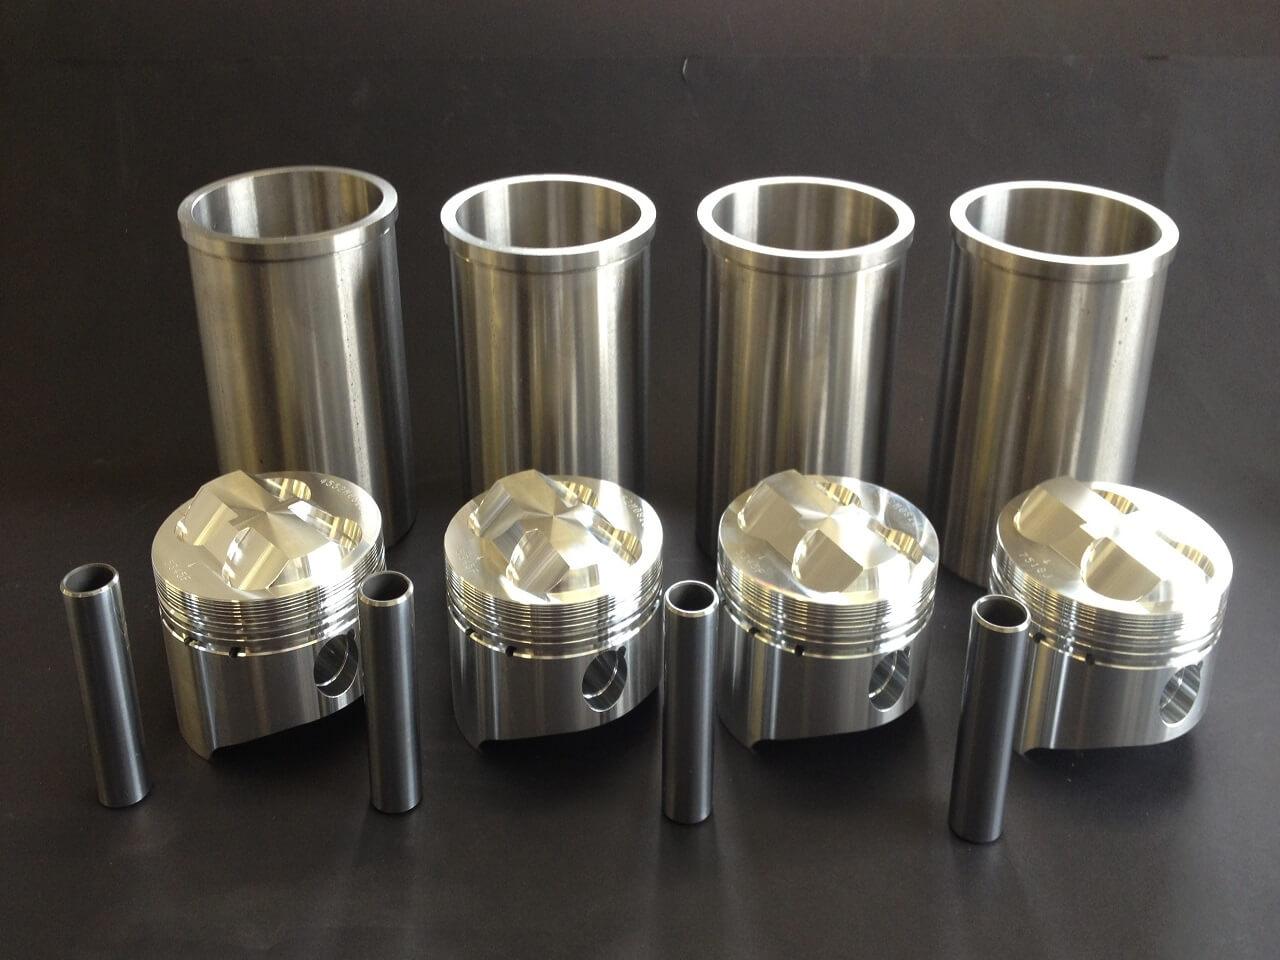 Alüminyum Silindir Kapak İthalatındaki Gözetim Kıymetleri Artırıldı